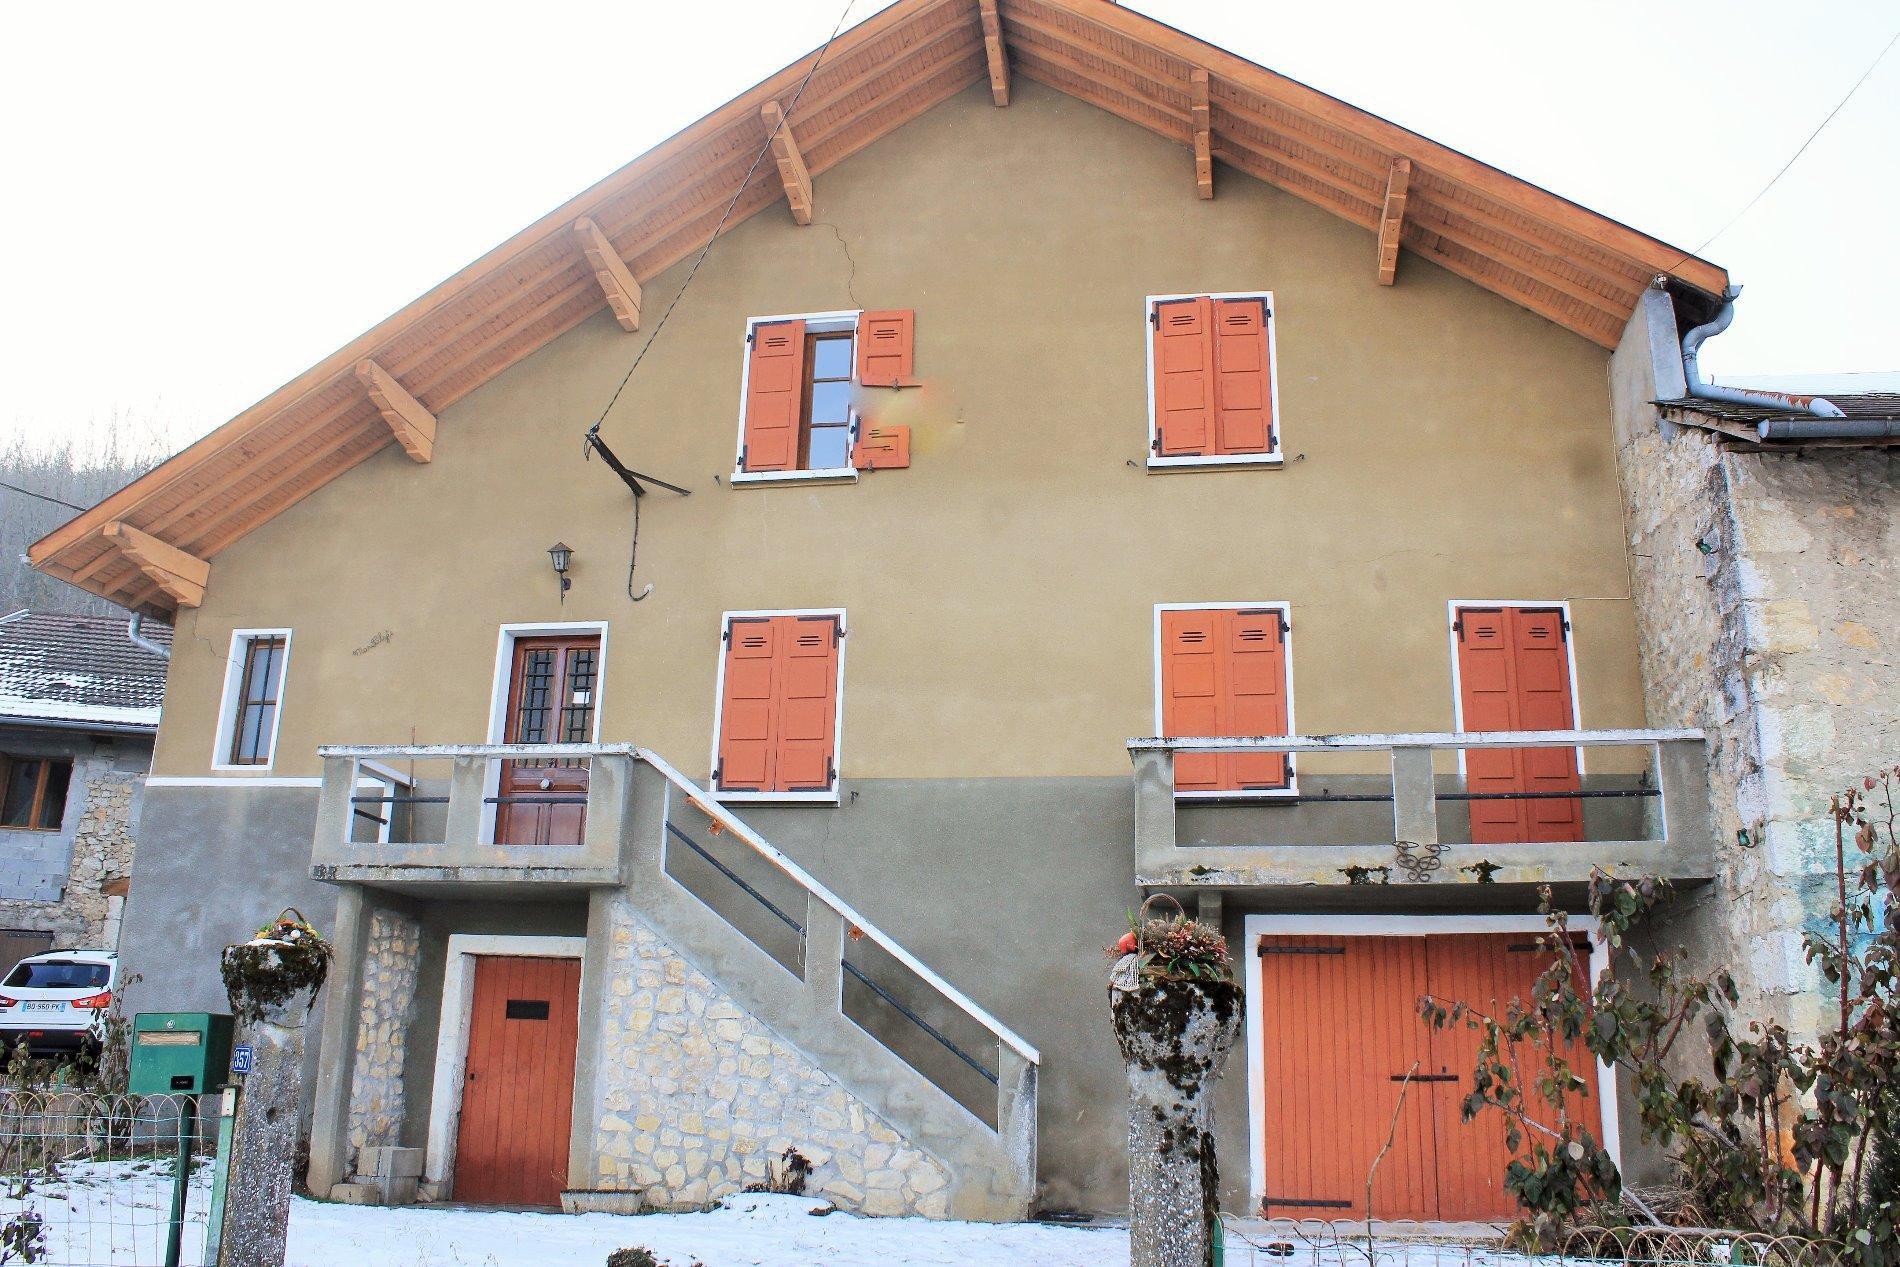 V666 - Seyssel, Maison à rénover 100m²